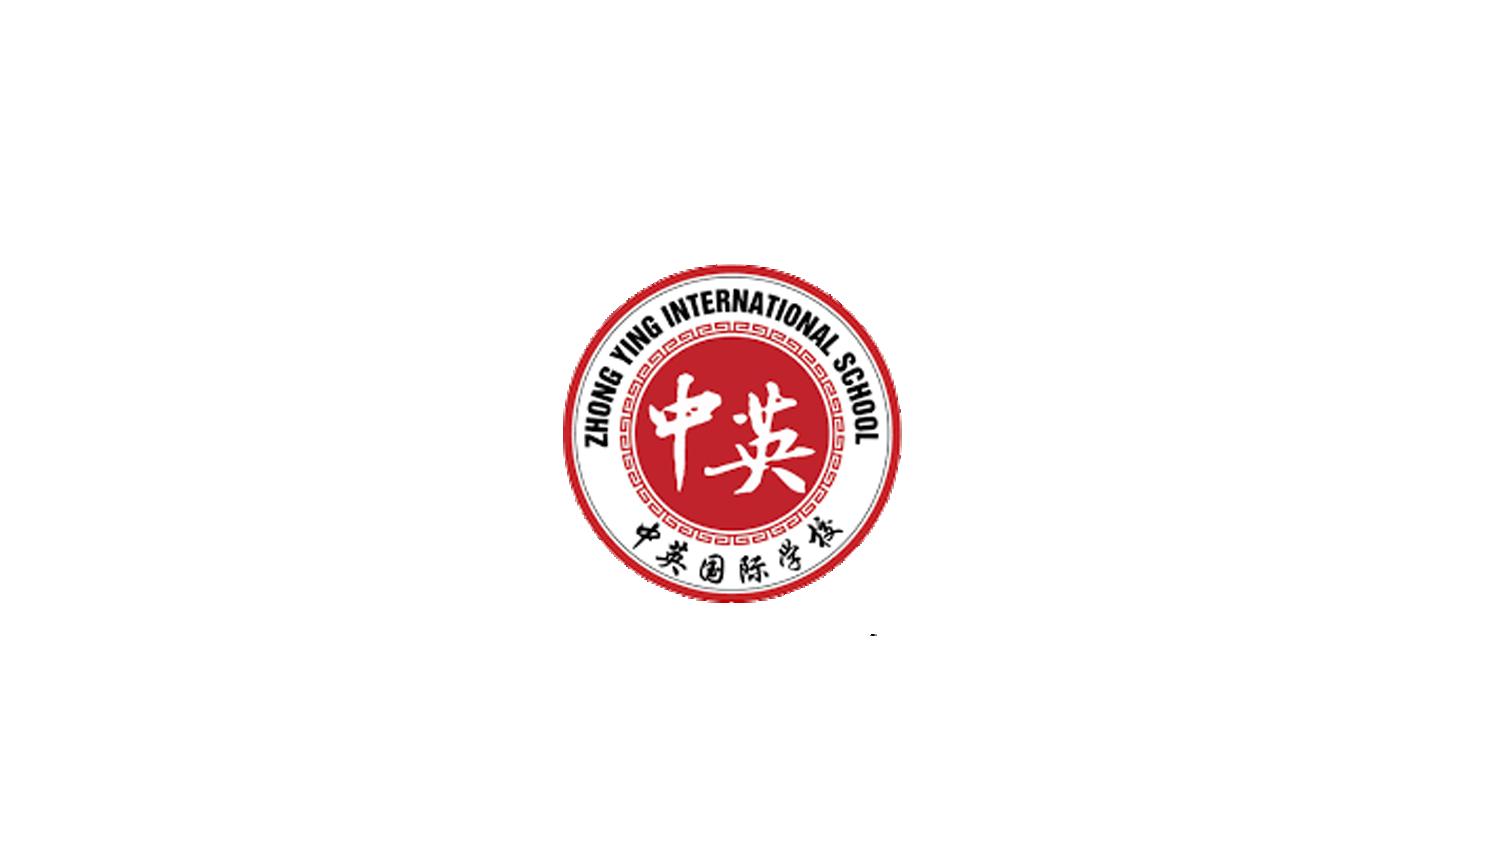 Zhong Ying International School